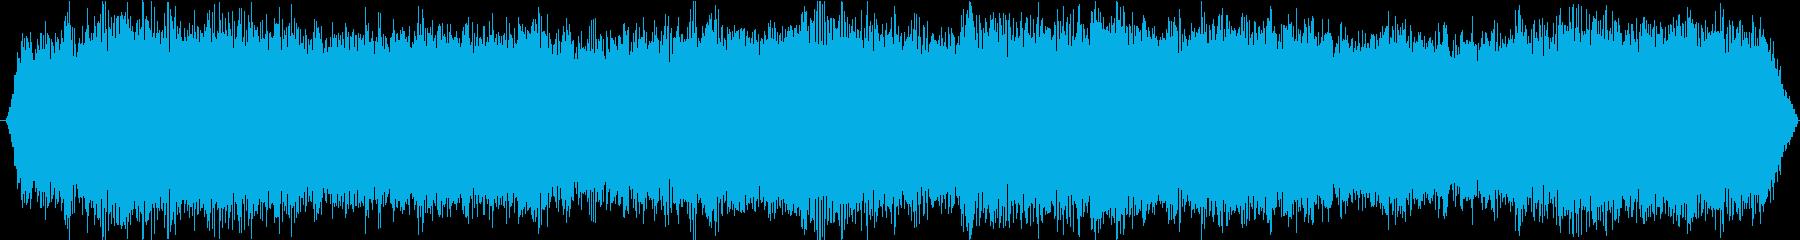 PADS チルエアー02の再生済みの波形